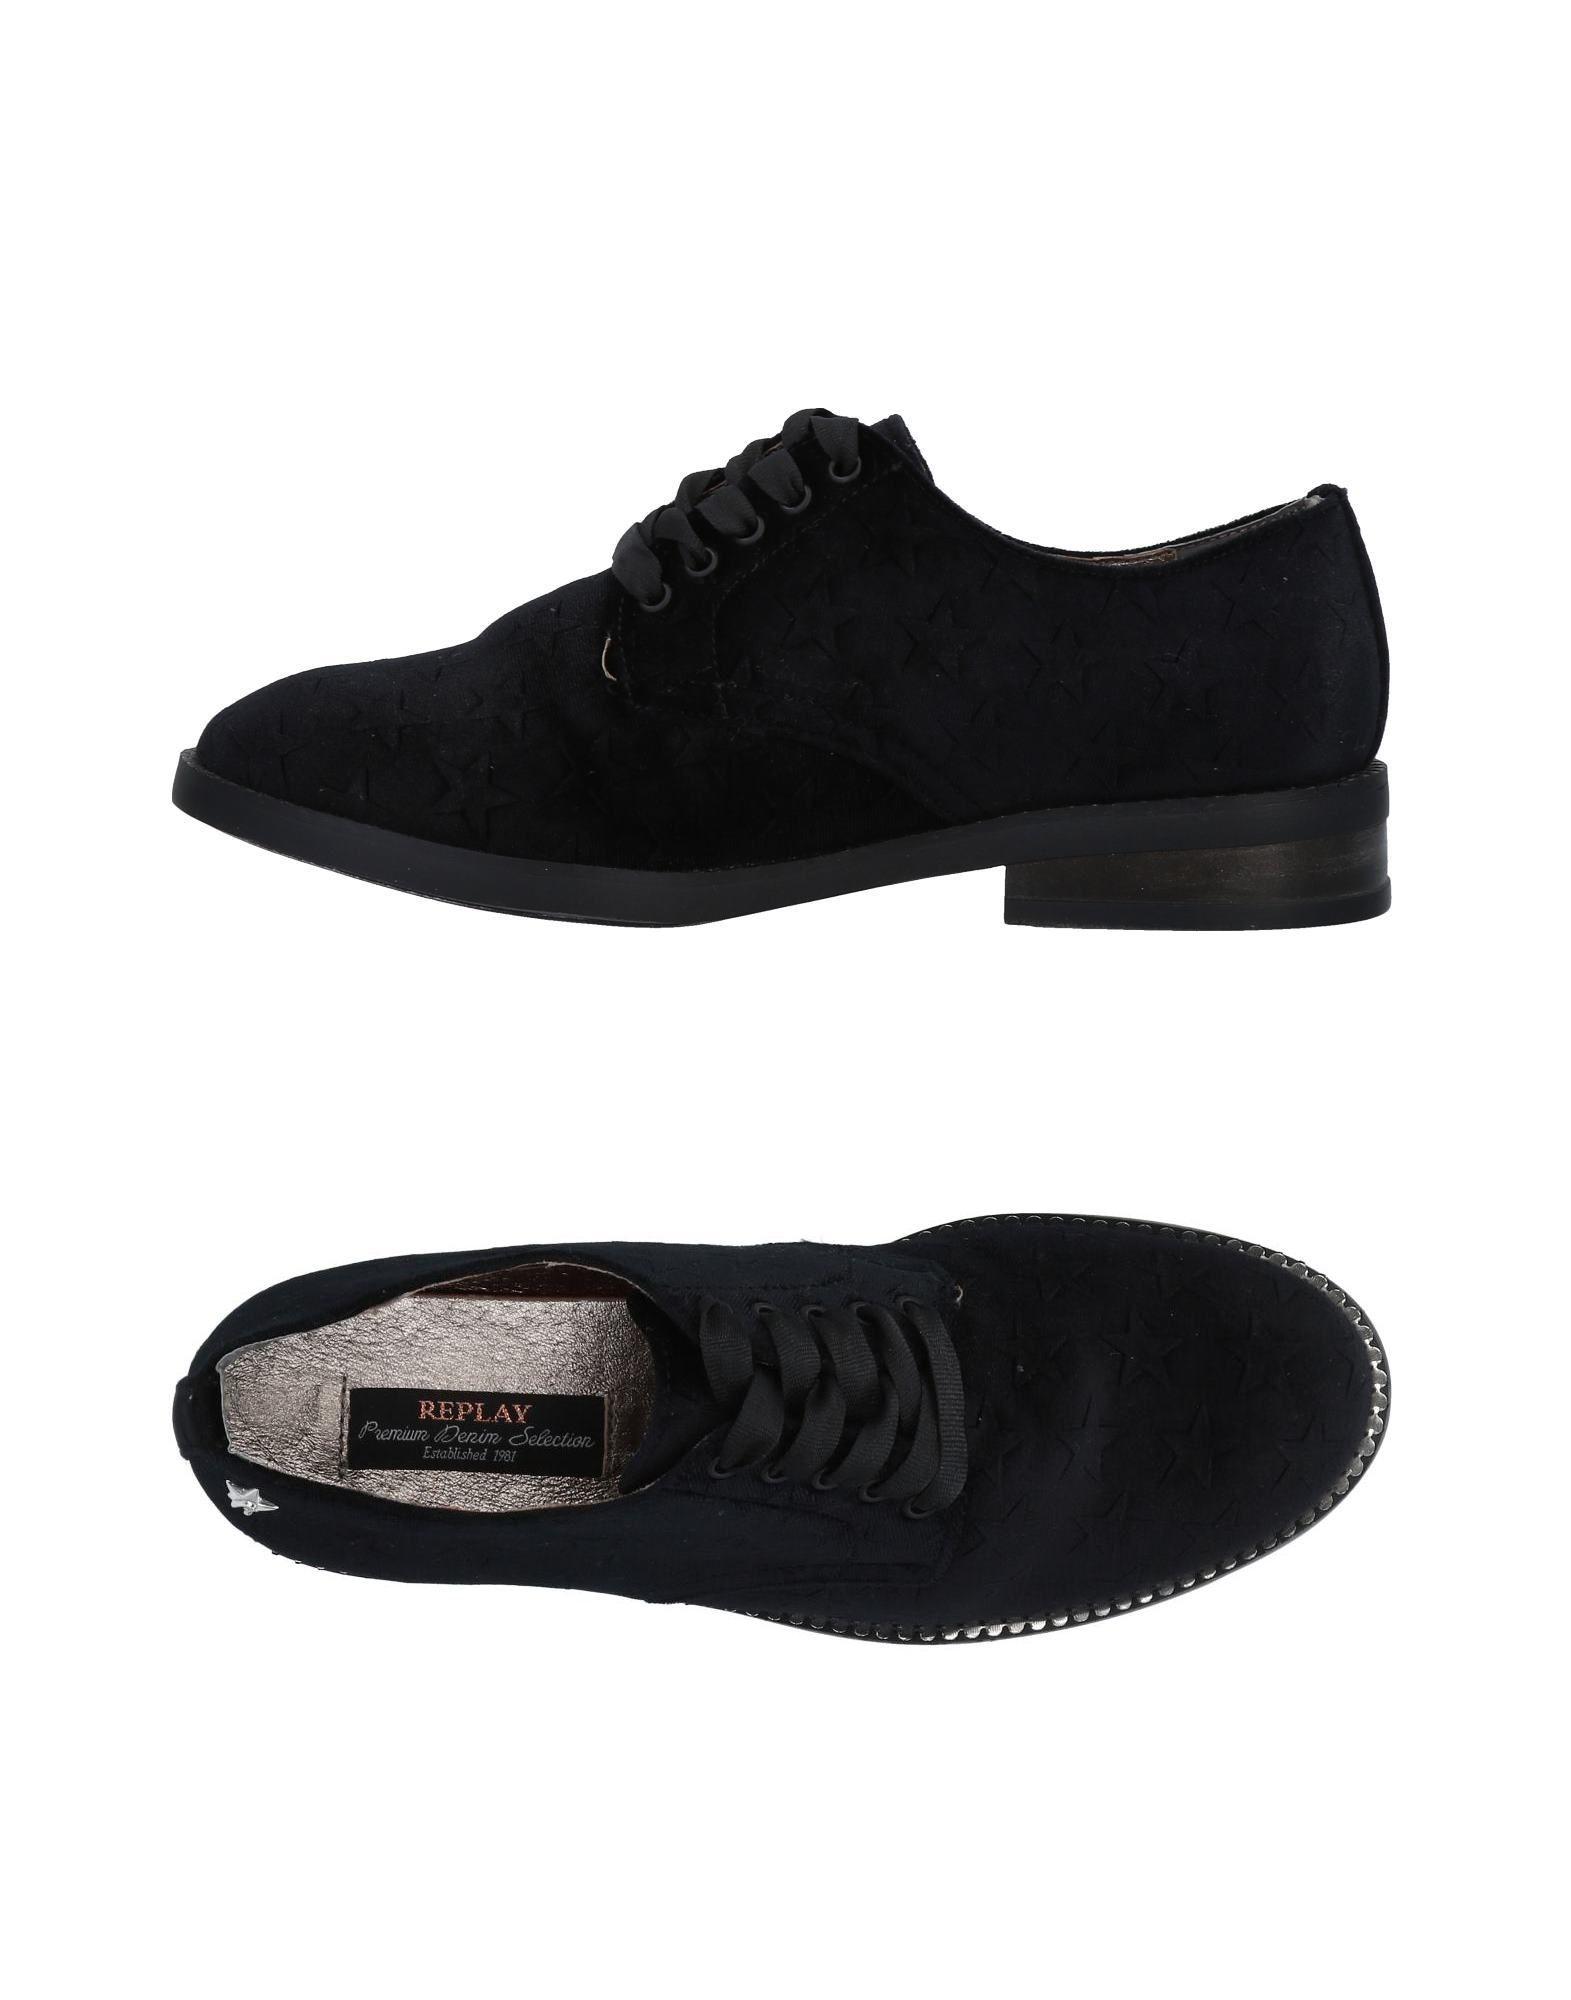 Replay Schnürschuhe Damen  11493996OH Gute Qualität beliebte Schuhe